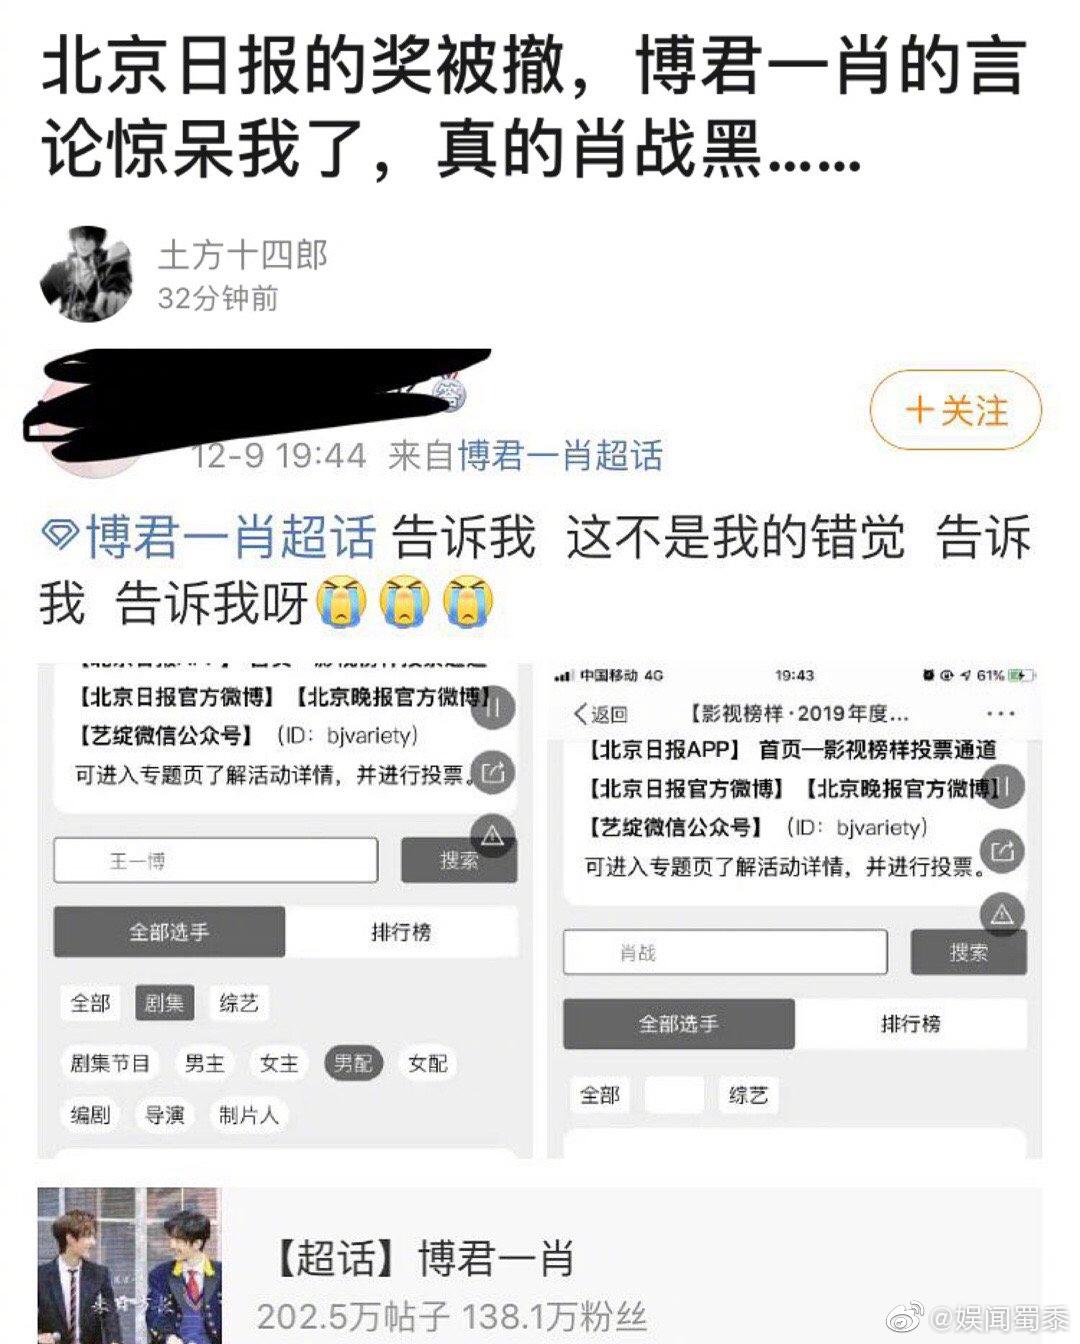 吃瓜北京日报官博直接撤了陈情令的投票